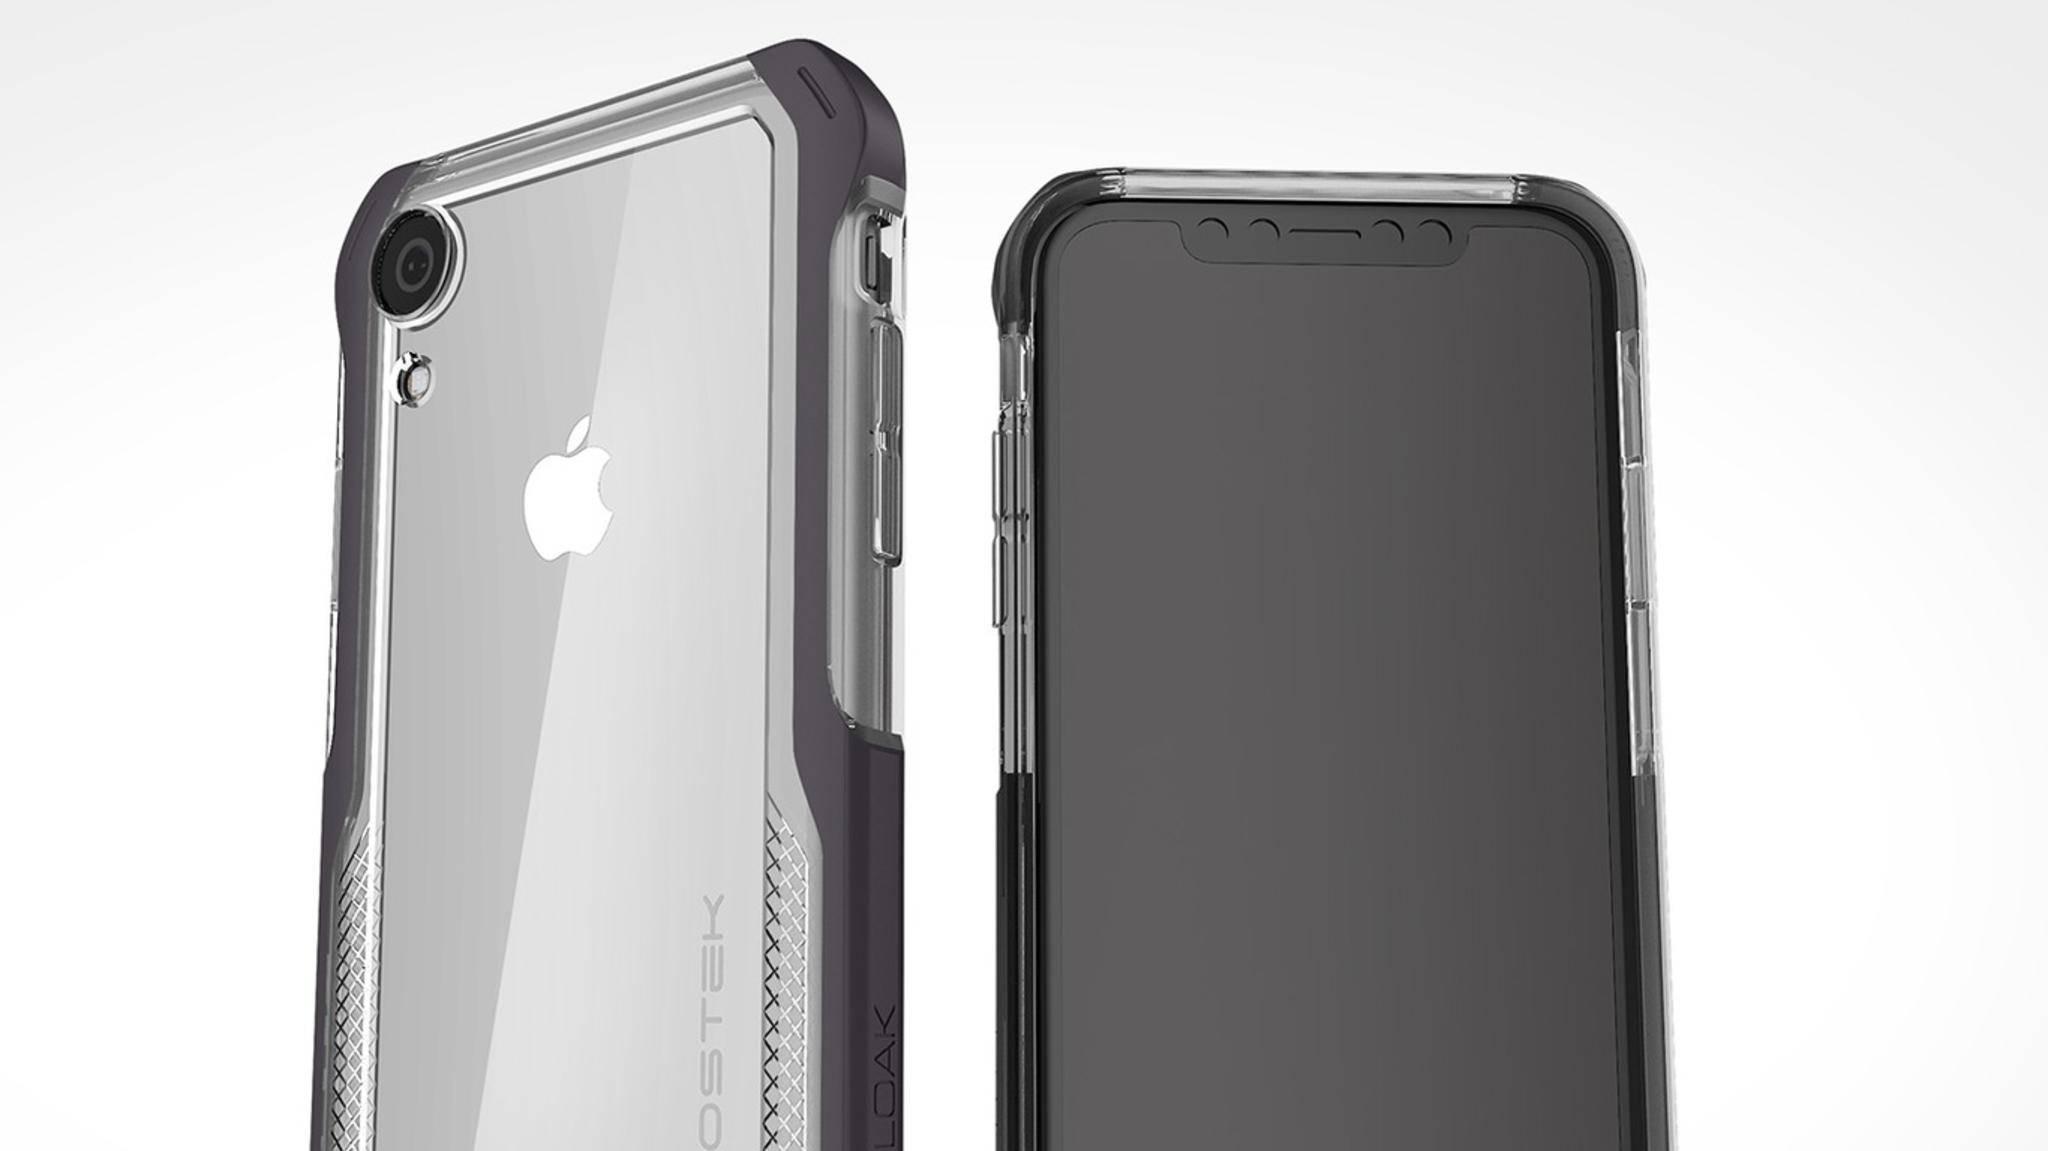 Dieses Bild zeigt angeblich das relativ günstige LCD-iPhone für 2018 in einer Hülle.